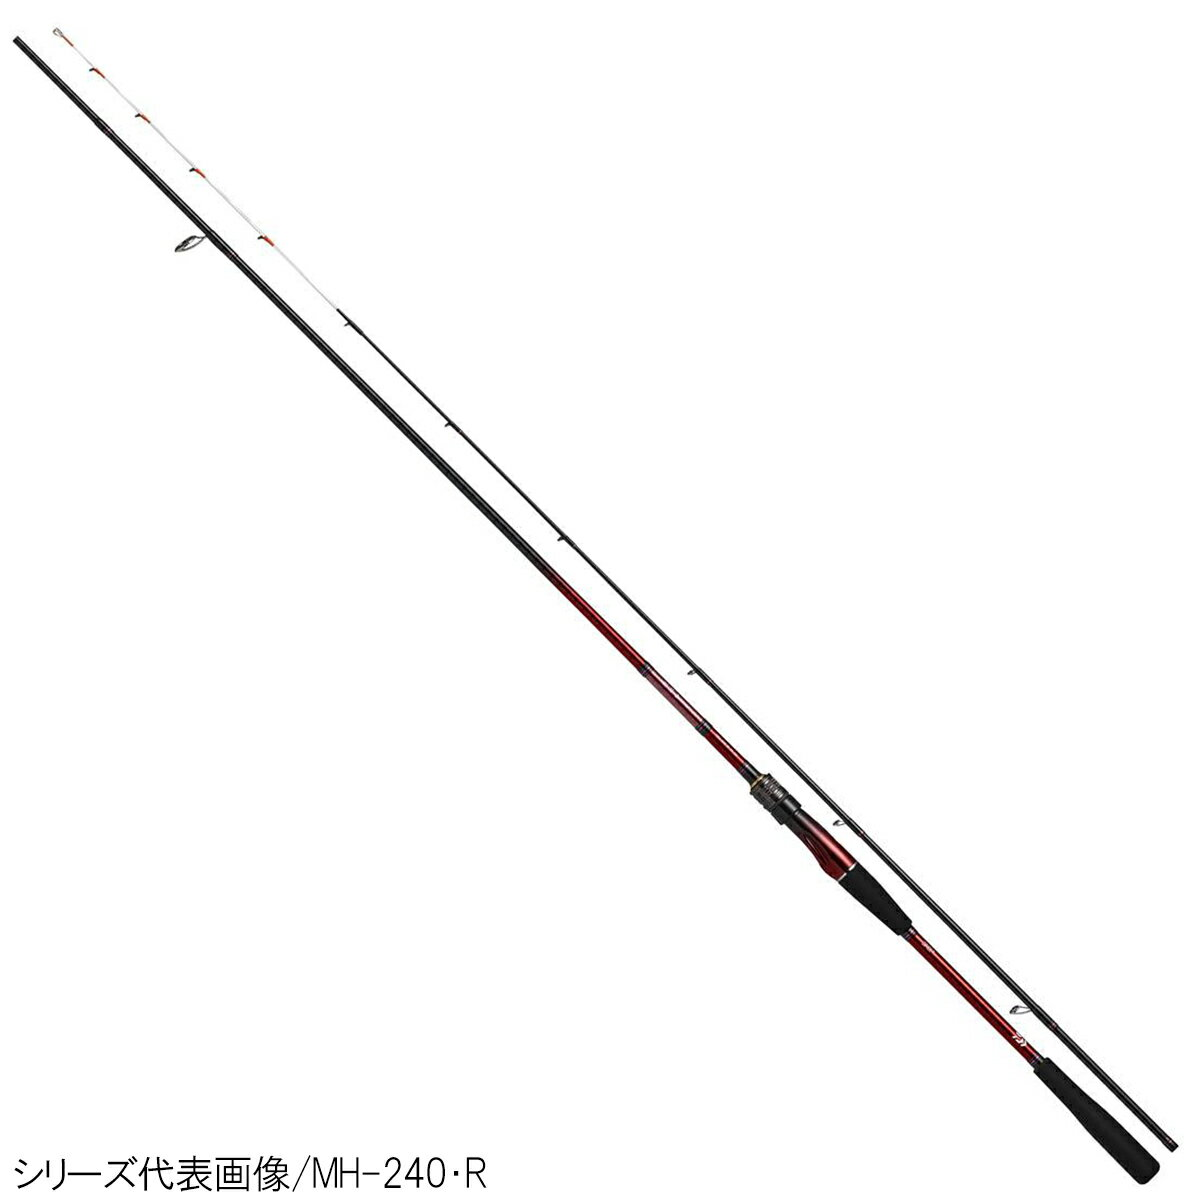 紅牙テンヤゲームMX M-240・R ダイワ【同梱不可】